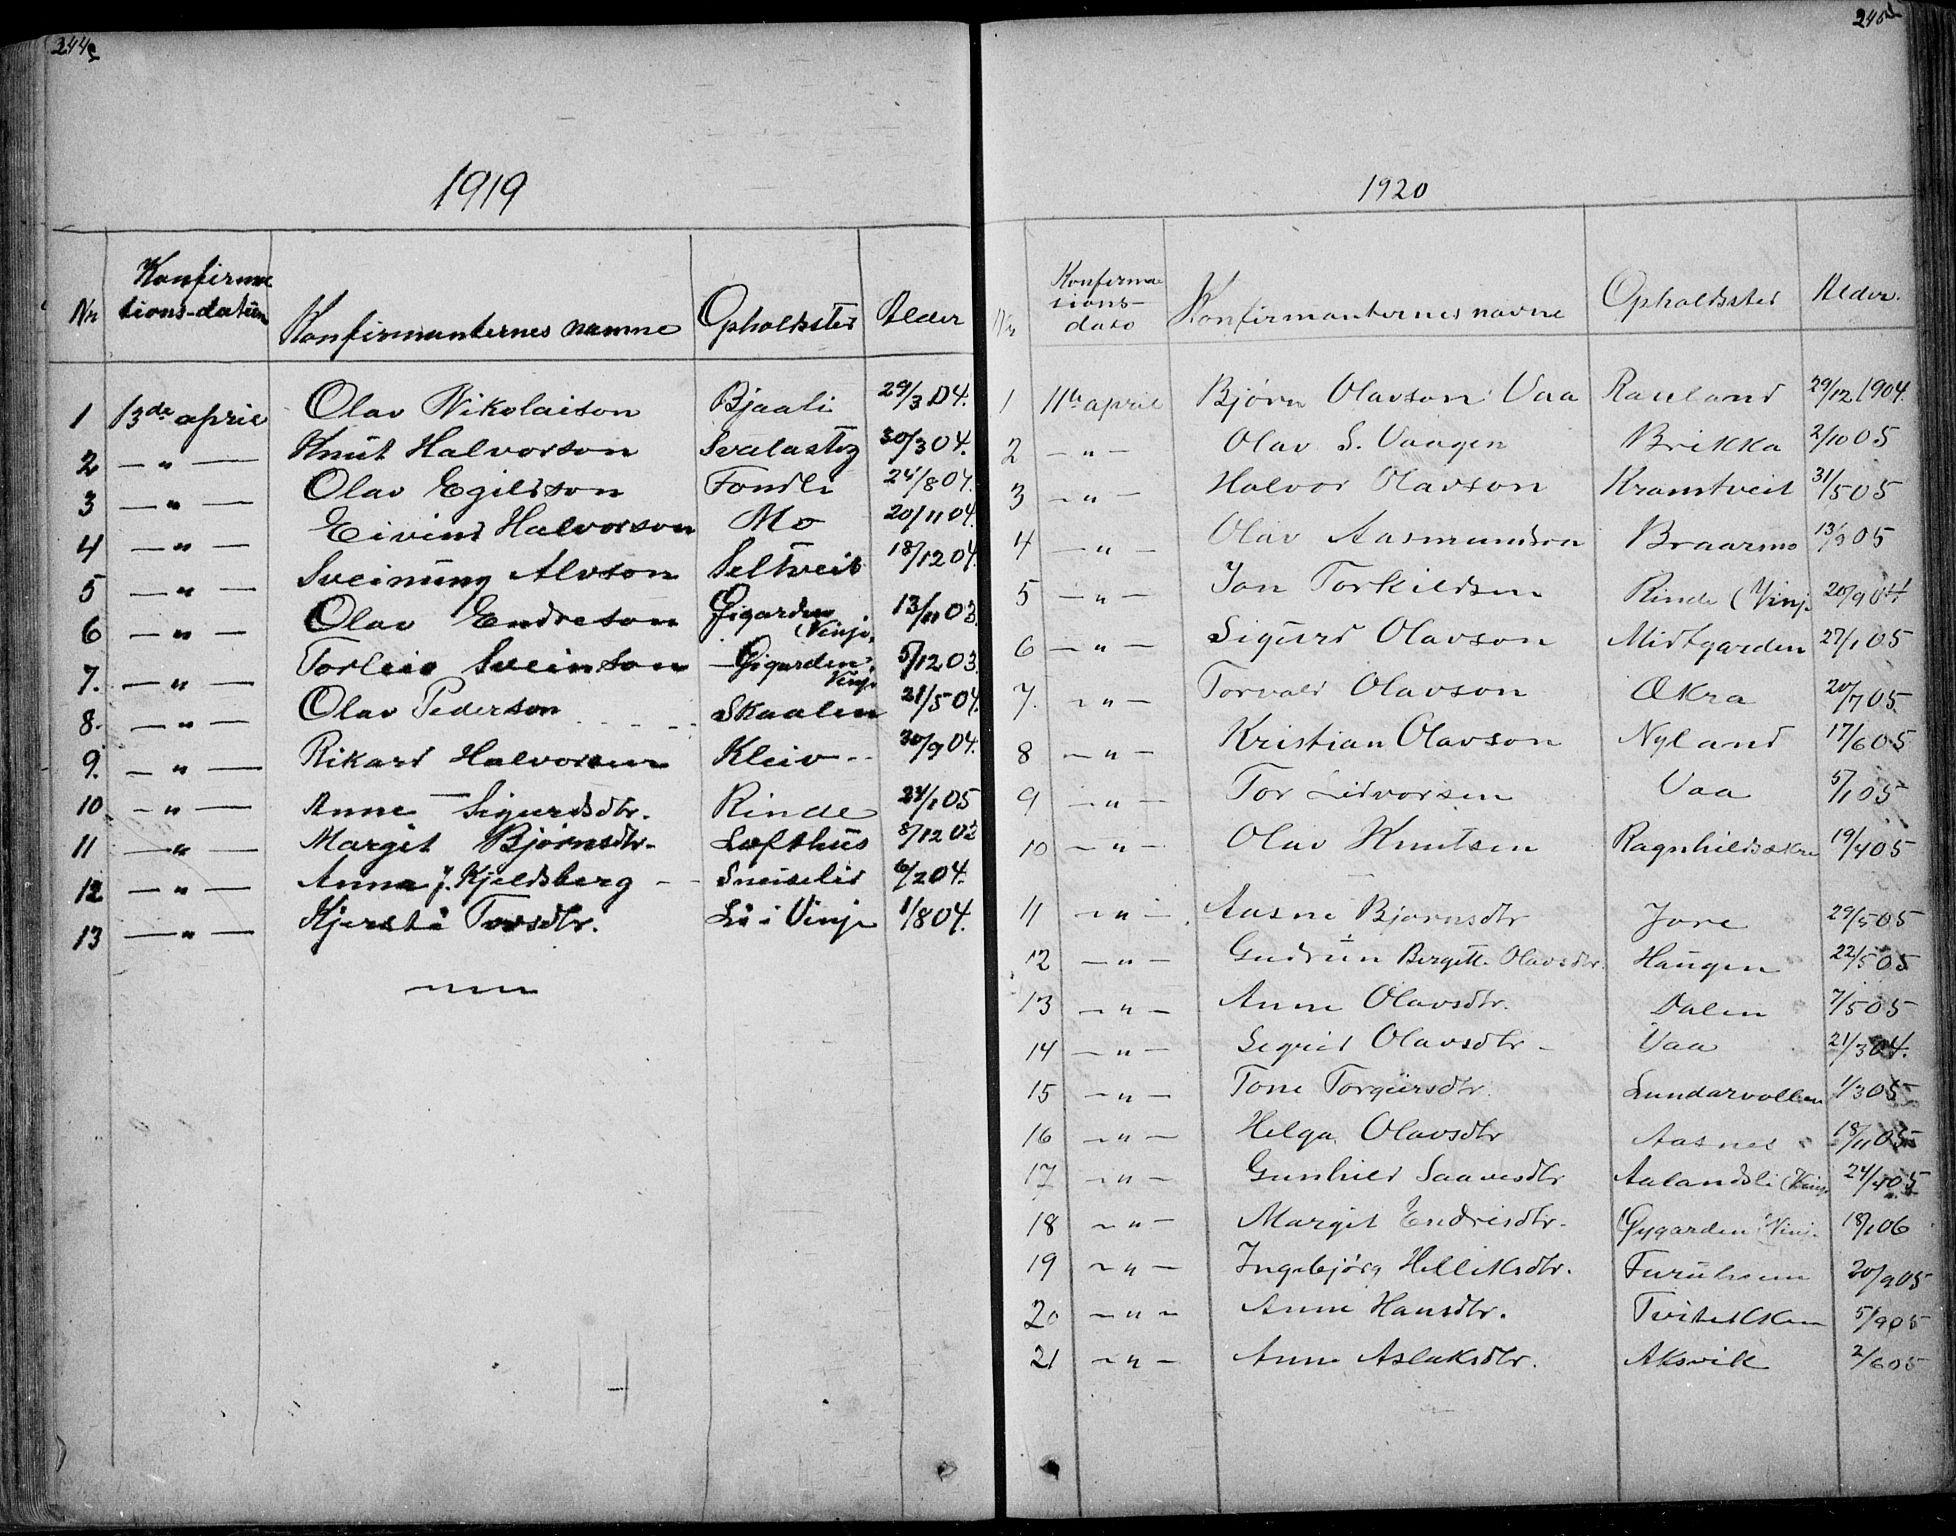 SAKO, Rauland kirkebøker, G/Ga/L0002: Klokkerbok nr. I 2, 1849-1935, s. 244-245